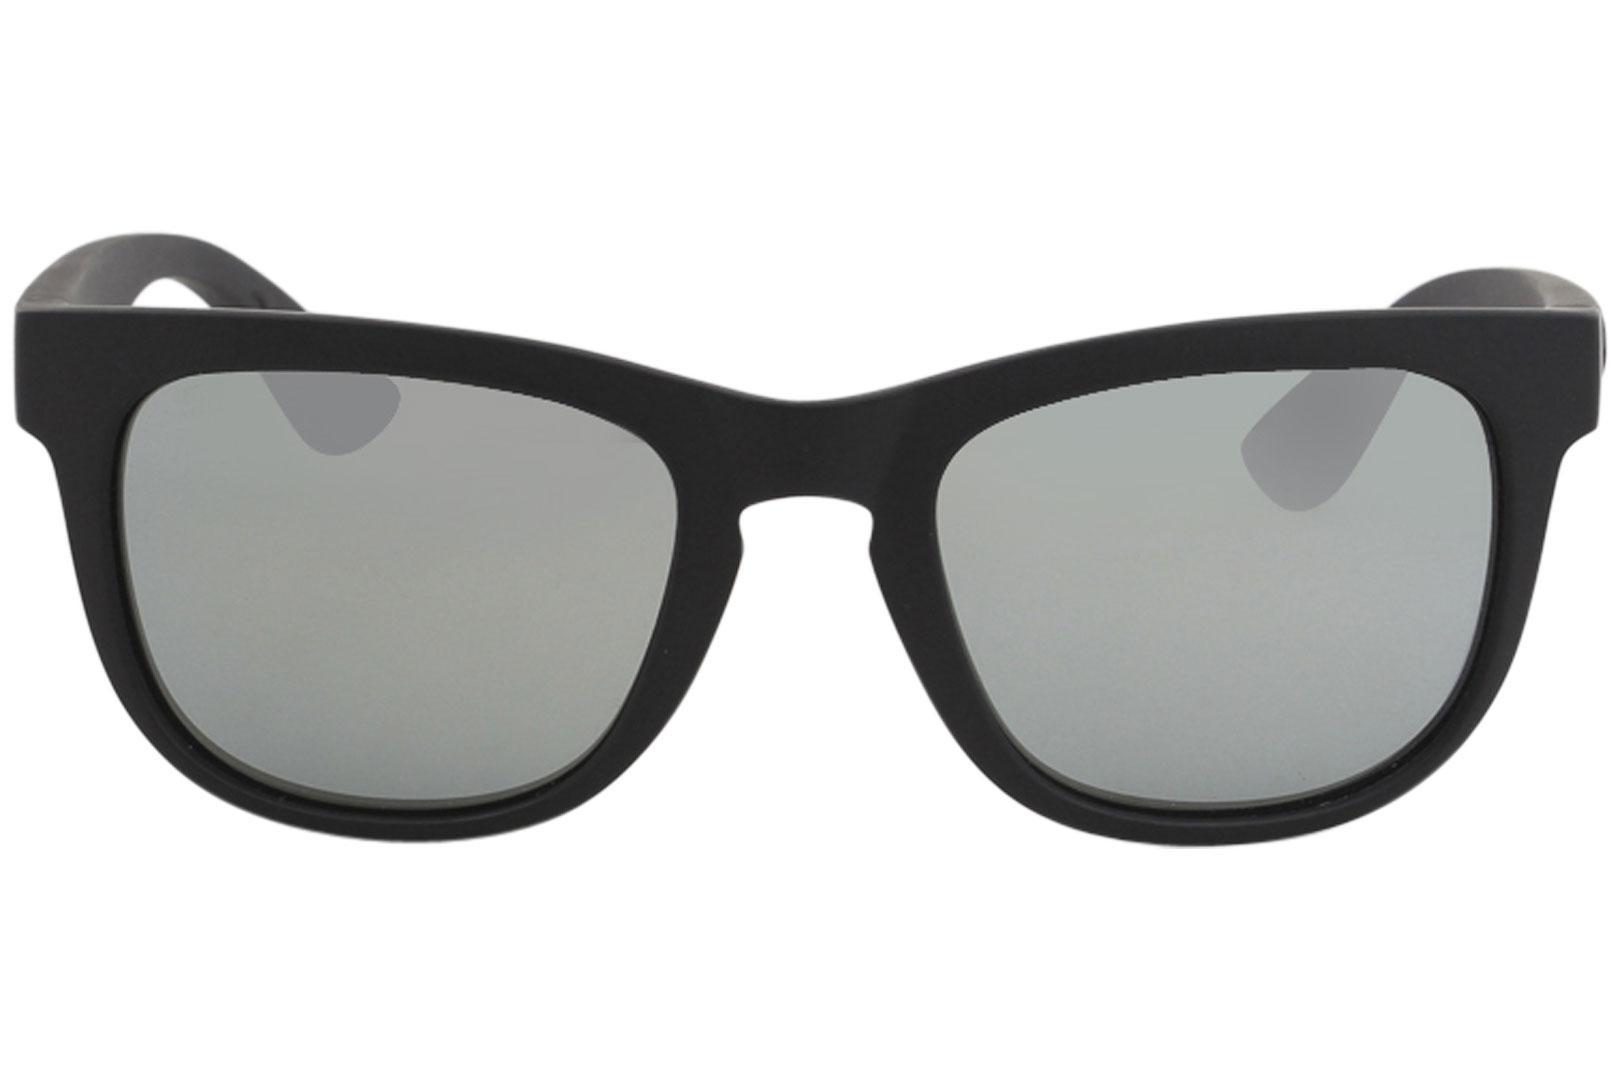 c33a6c64c13 Costa Del Mar Copra Fashion Square Polarized Sunglasses